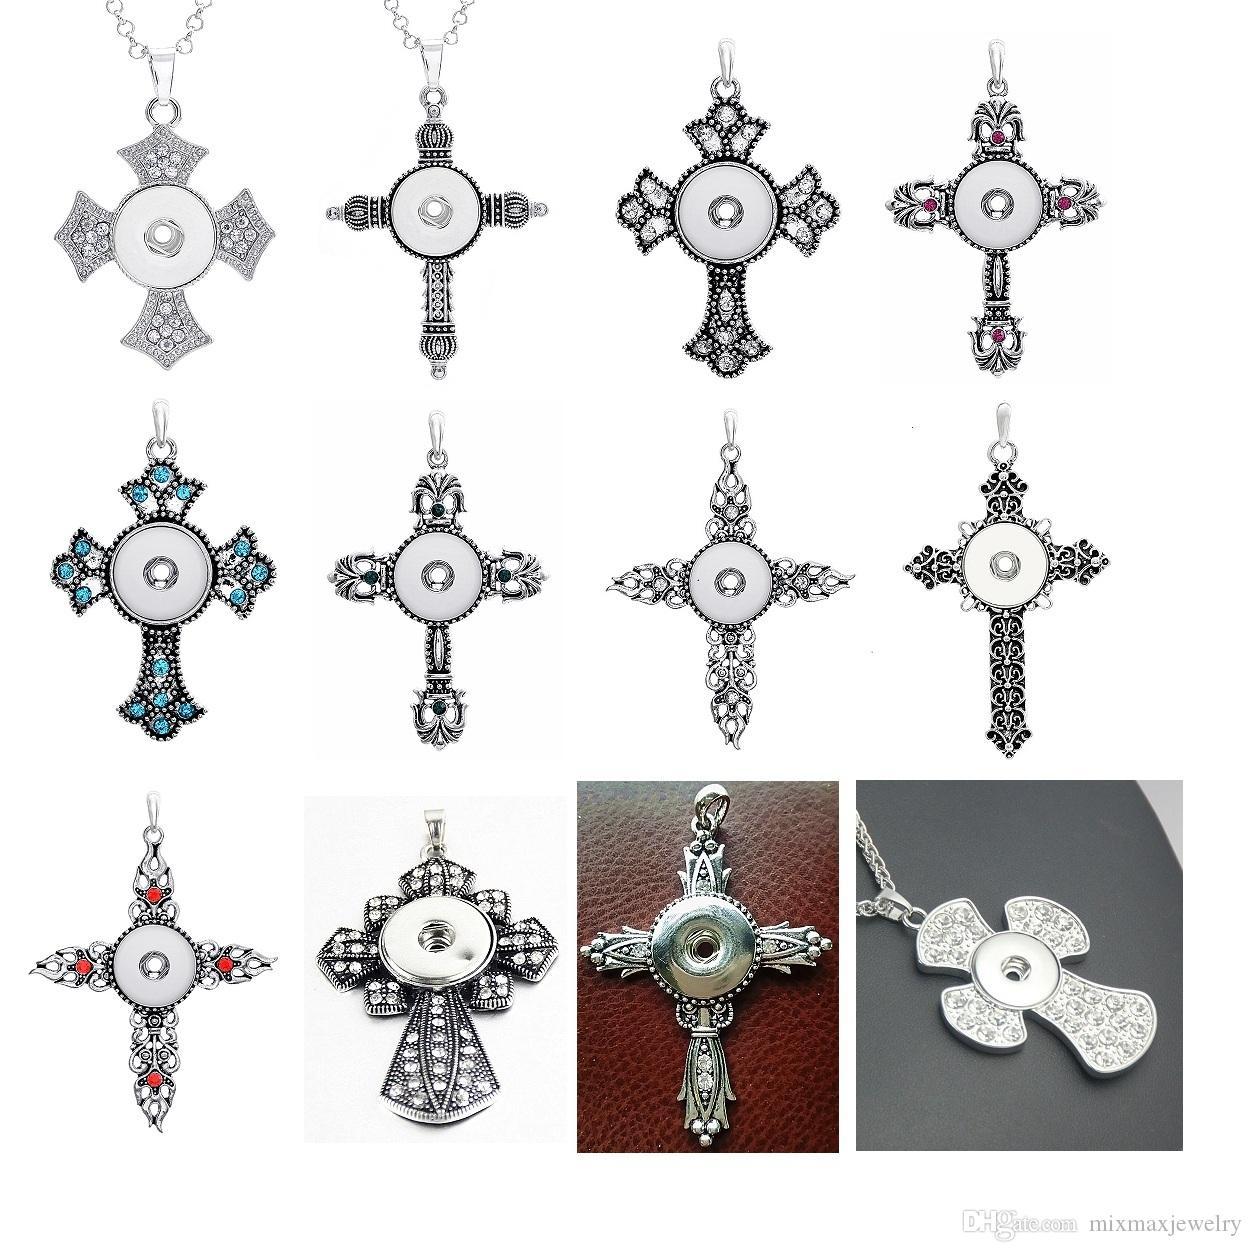 Commercio all'ingrosso 10 pezzi stili misti 18mm intercambiabili gioielli fai da te con bottone a scatto a scatto pendente collana con catena